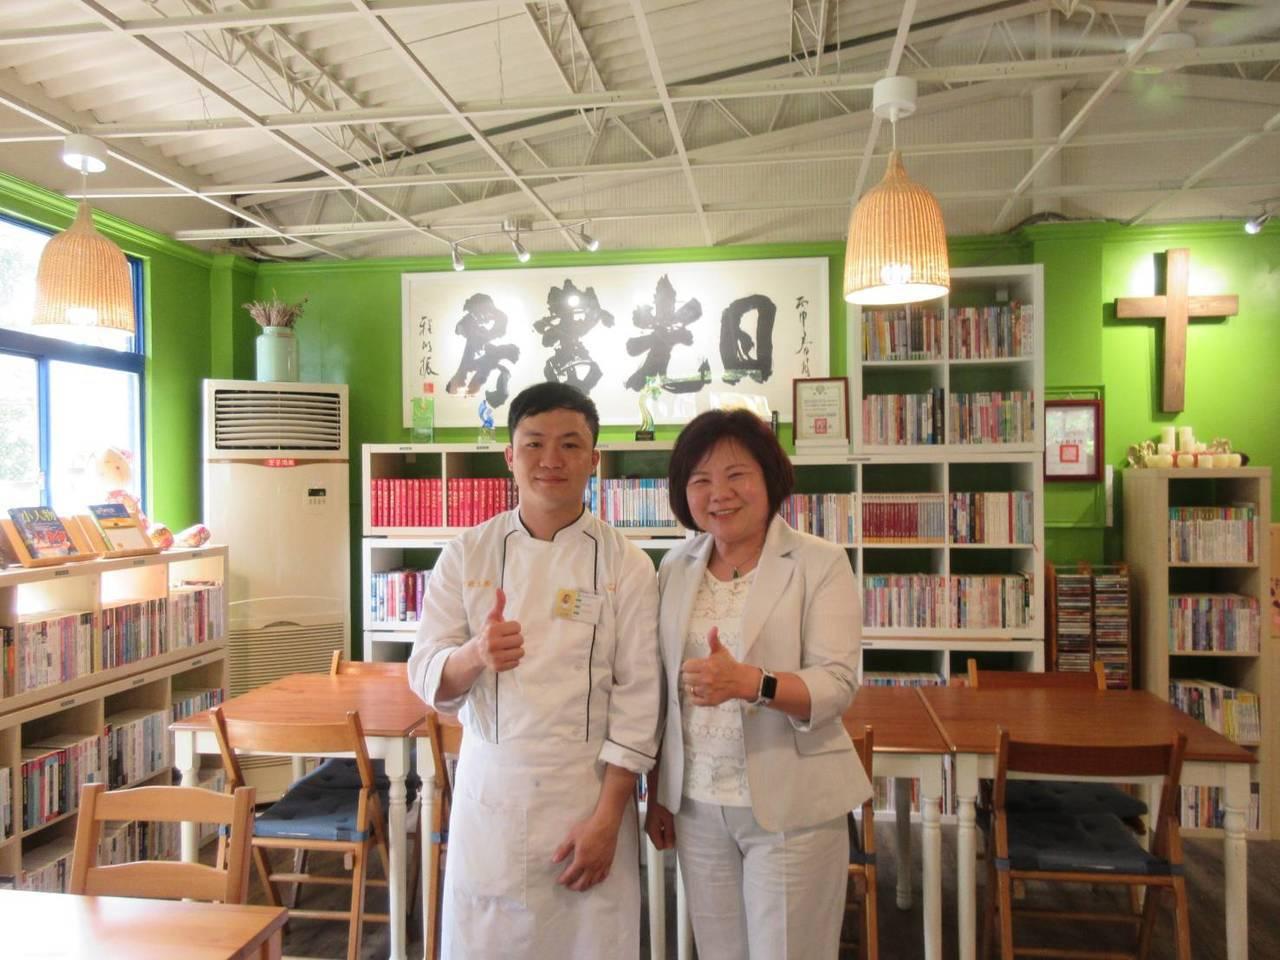 勞動部長許銘春(右)讚許呂芳銘(左)好廚藝,肯定他重返職場找回人生價值。圖/勞動...